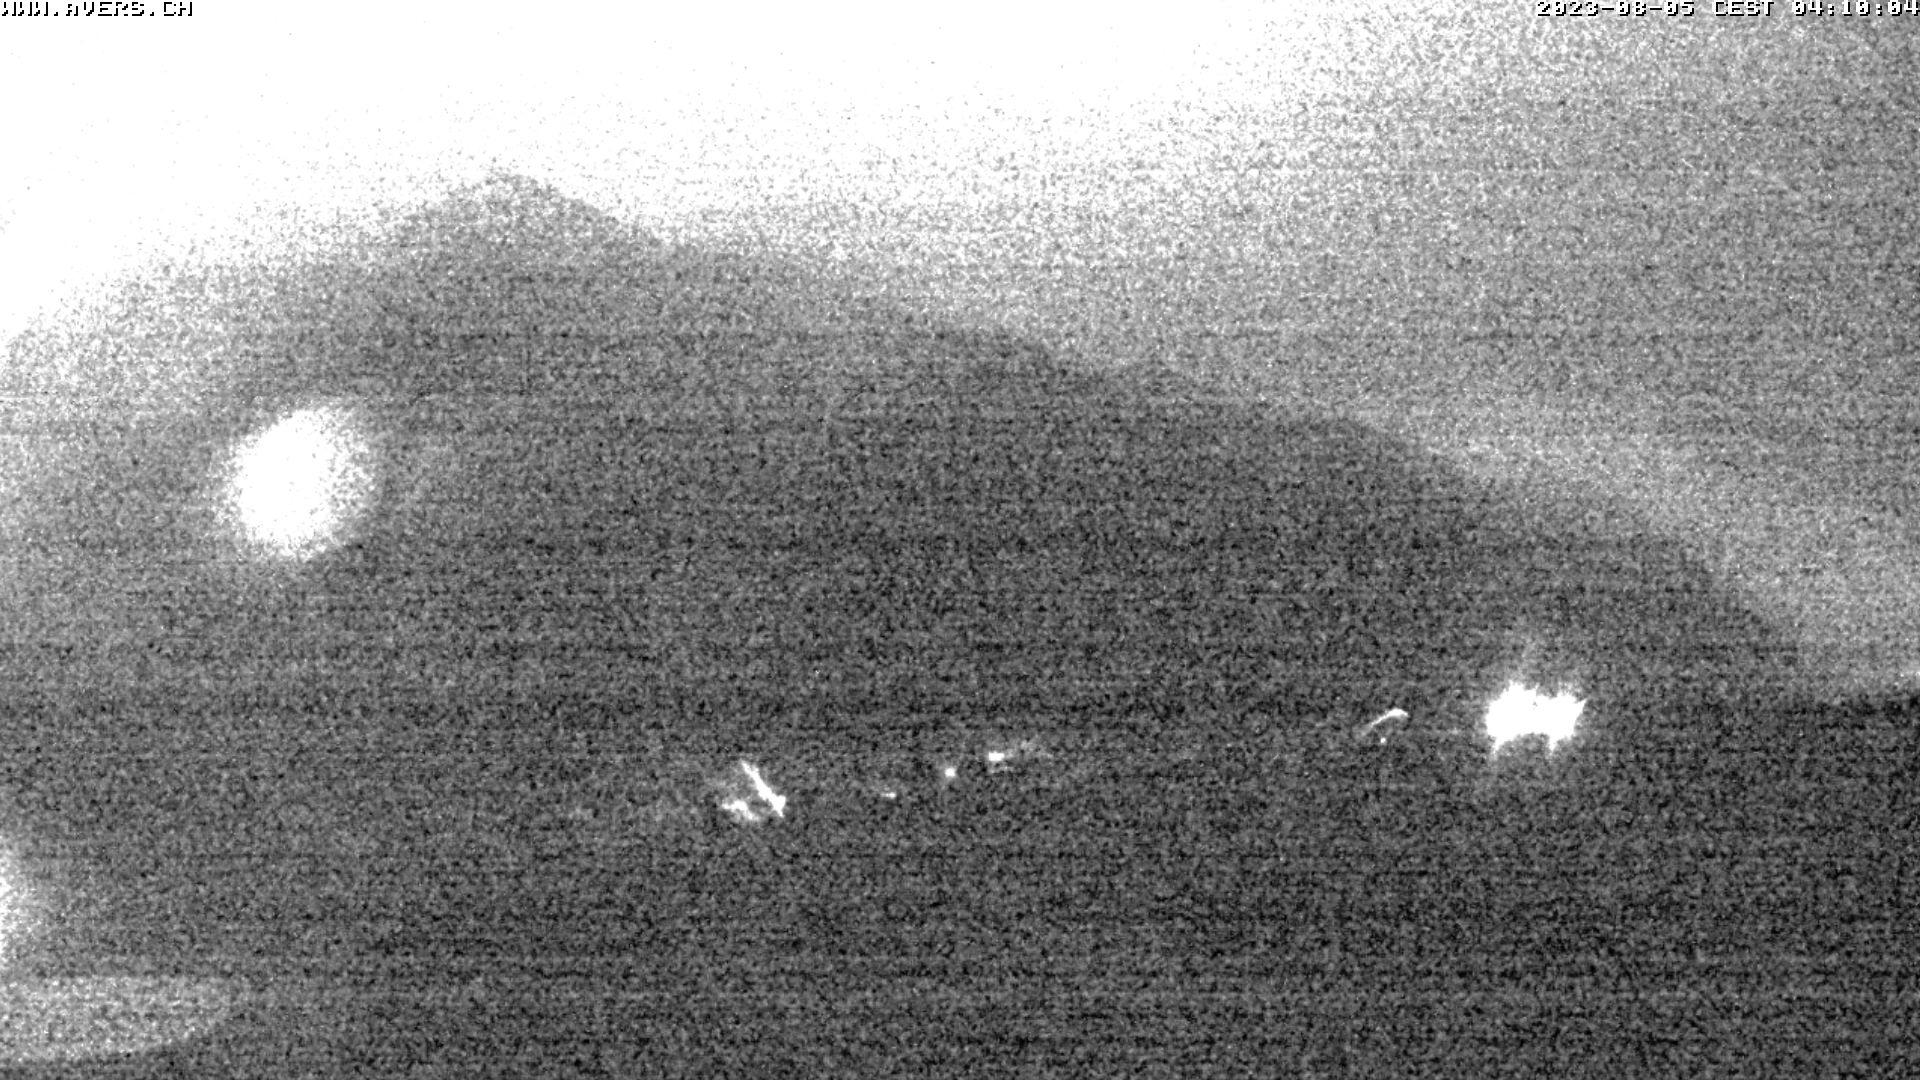 Grossansicht 04h - Avers Skilift Cavetta mit Sicht in die Bregalga.